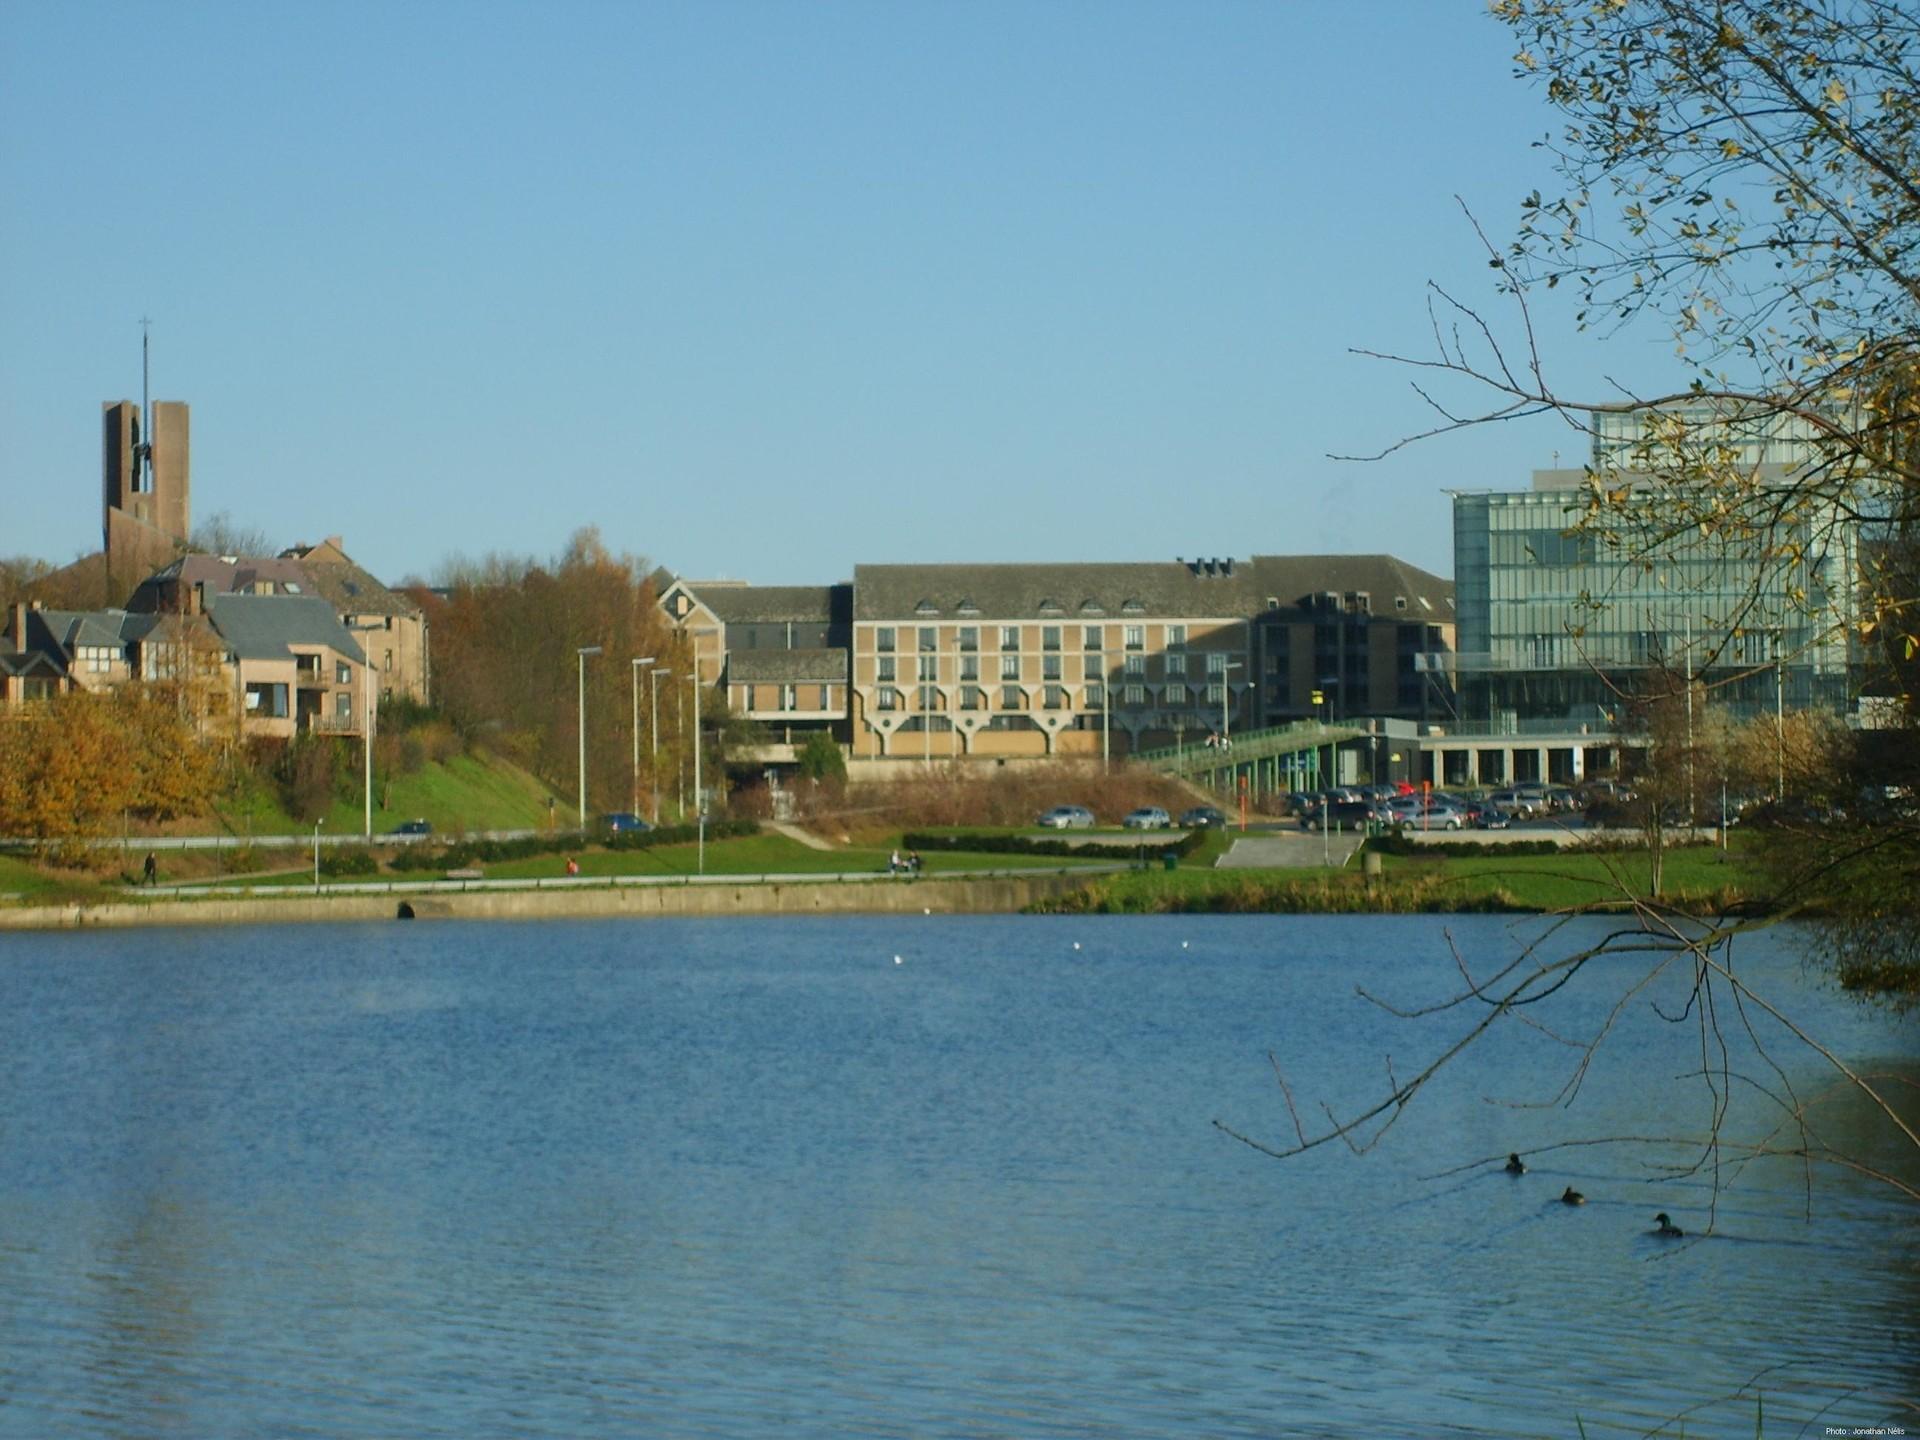 Esperienza a Louvain-la-Neuve, Belgio di Clarissa